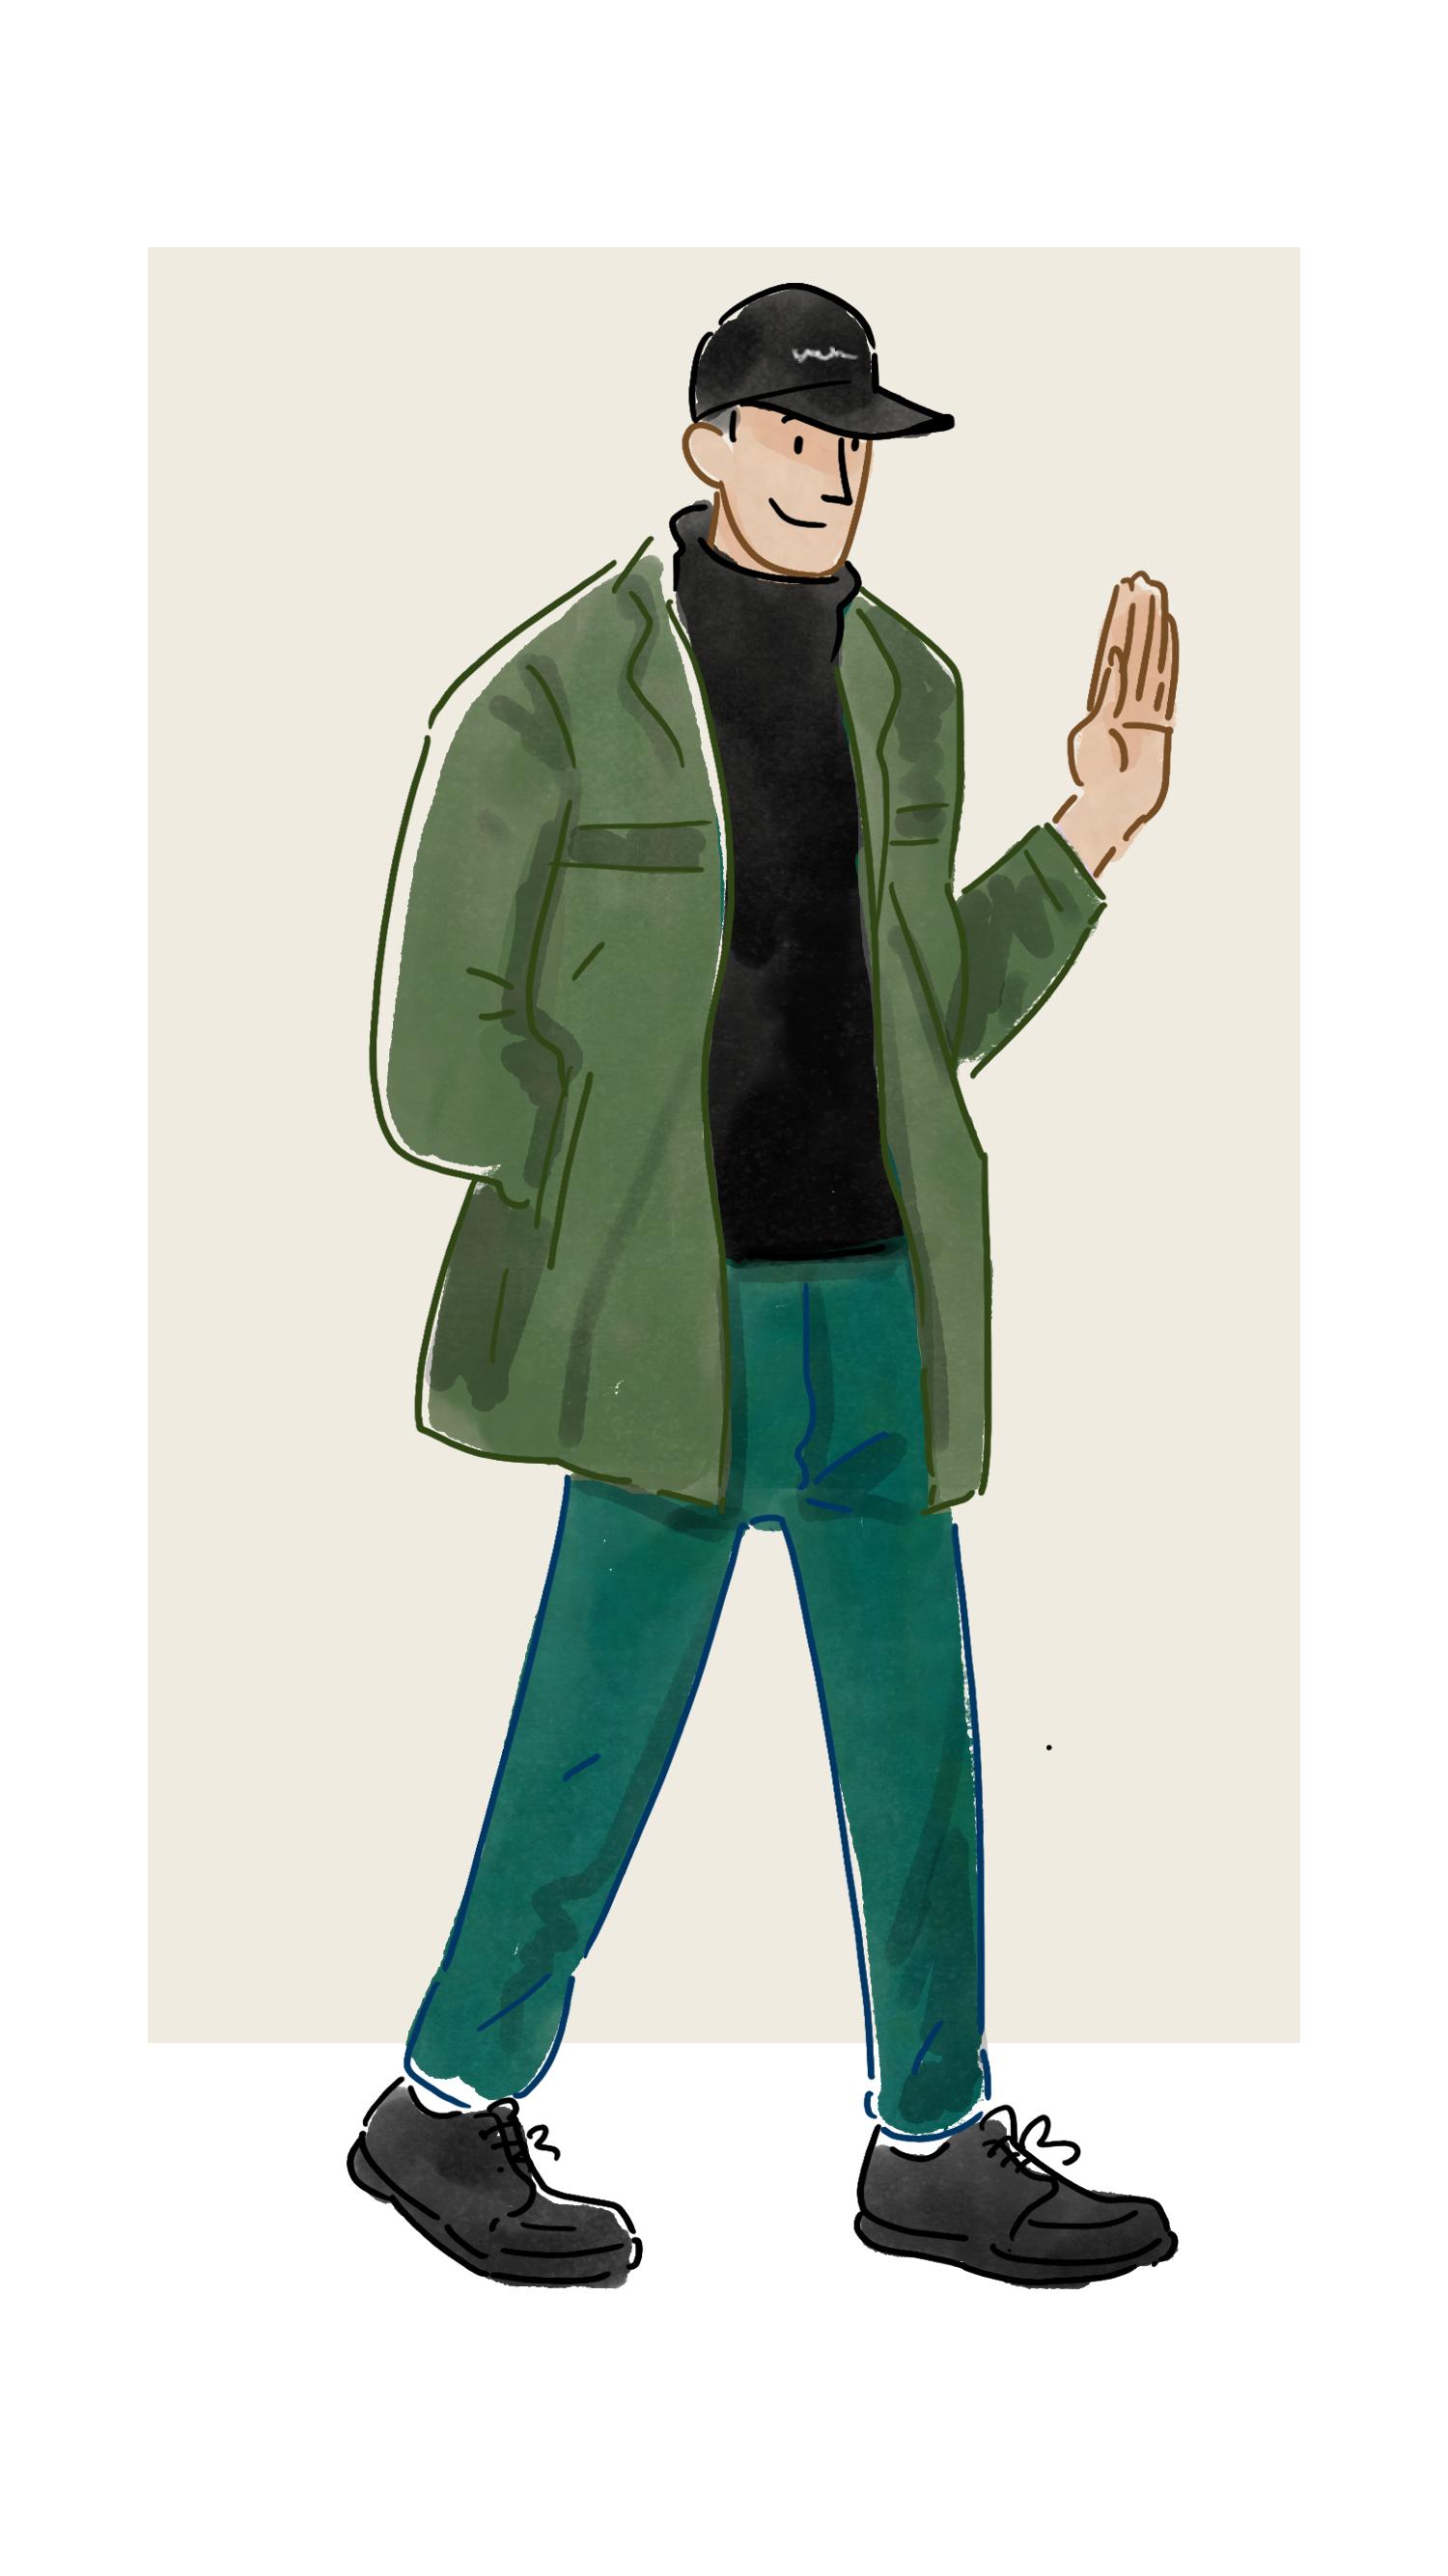 每日穿搭|单层的防风夹克冬季也可以穿